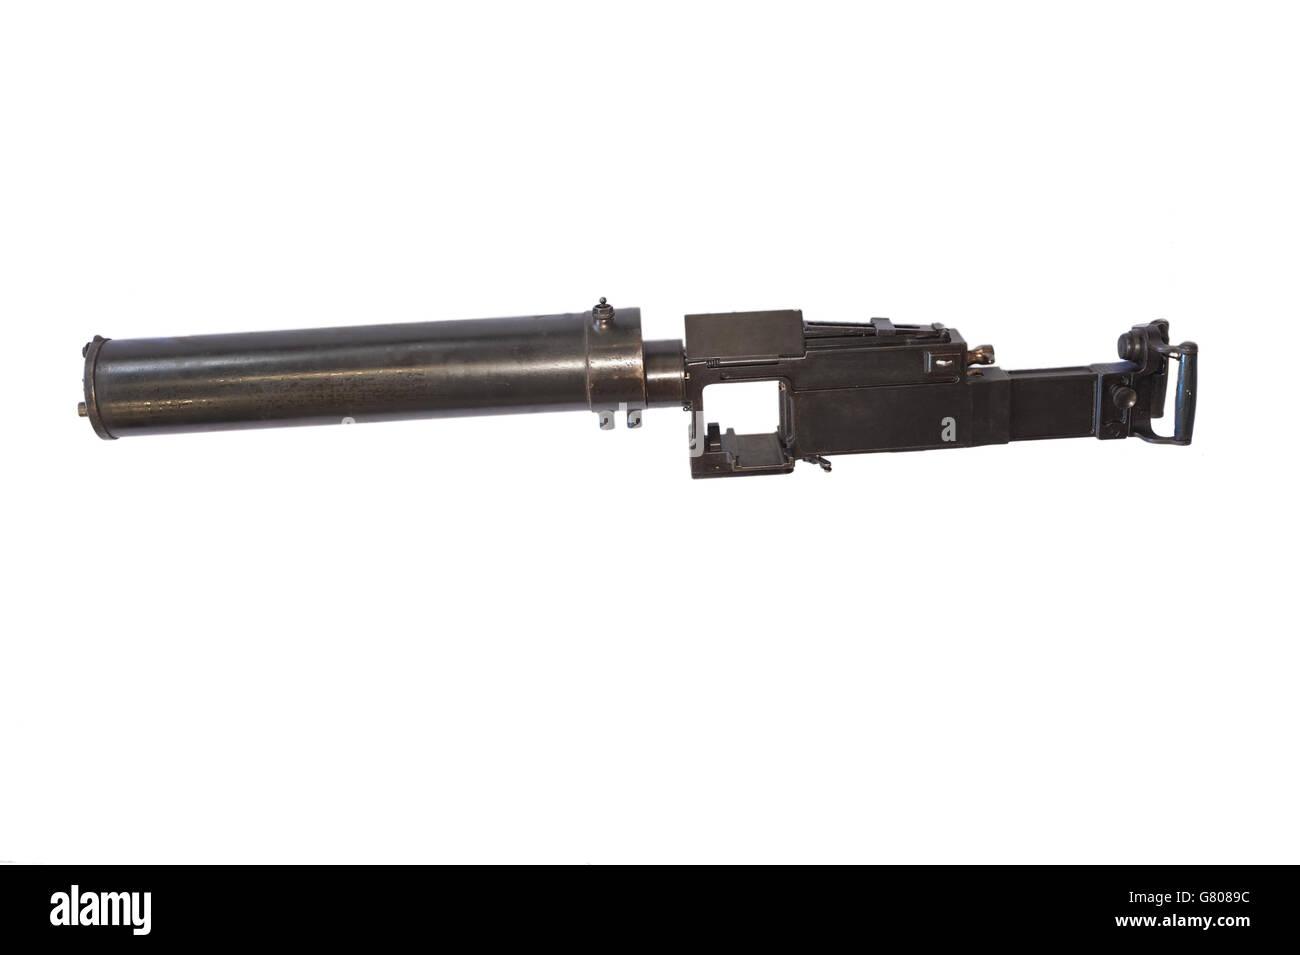 Machine gun Fiat-Revelli Modello 1914 - Stock Image